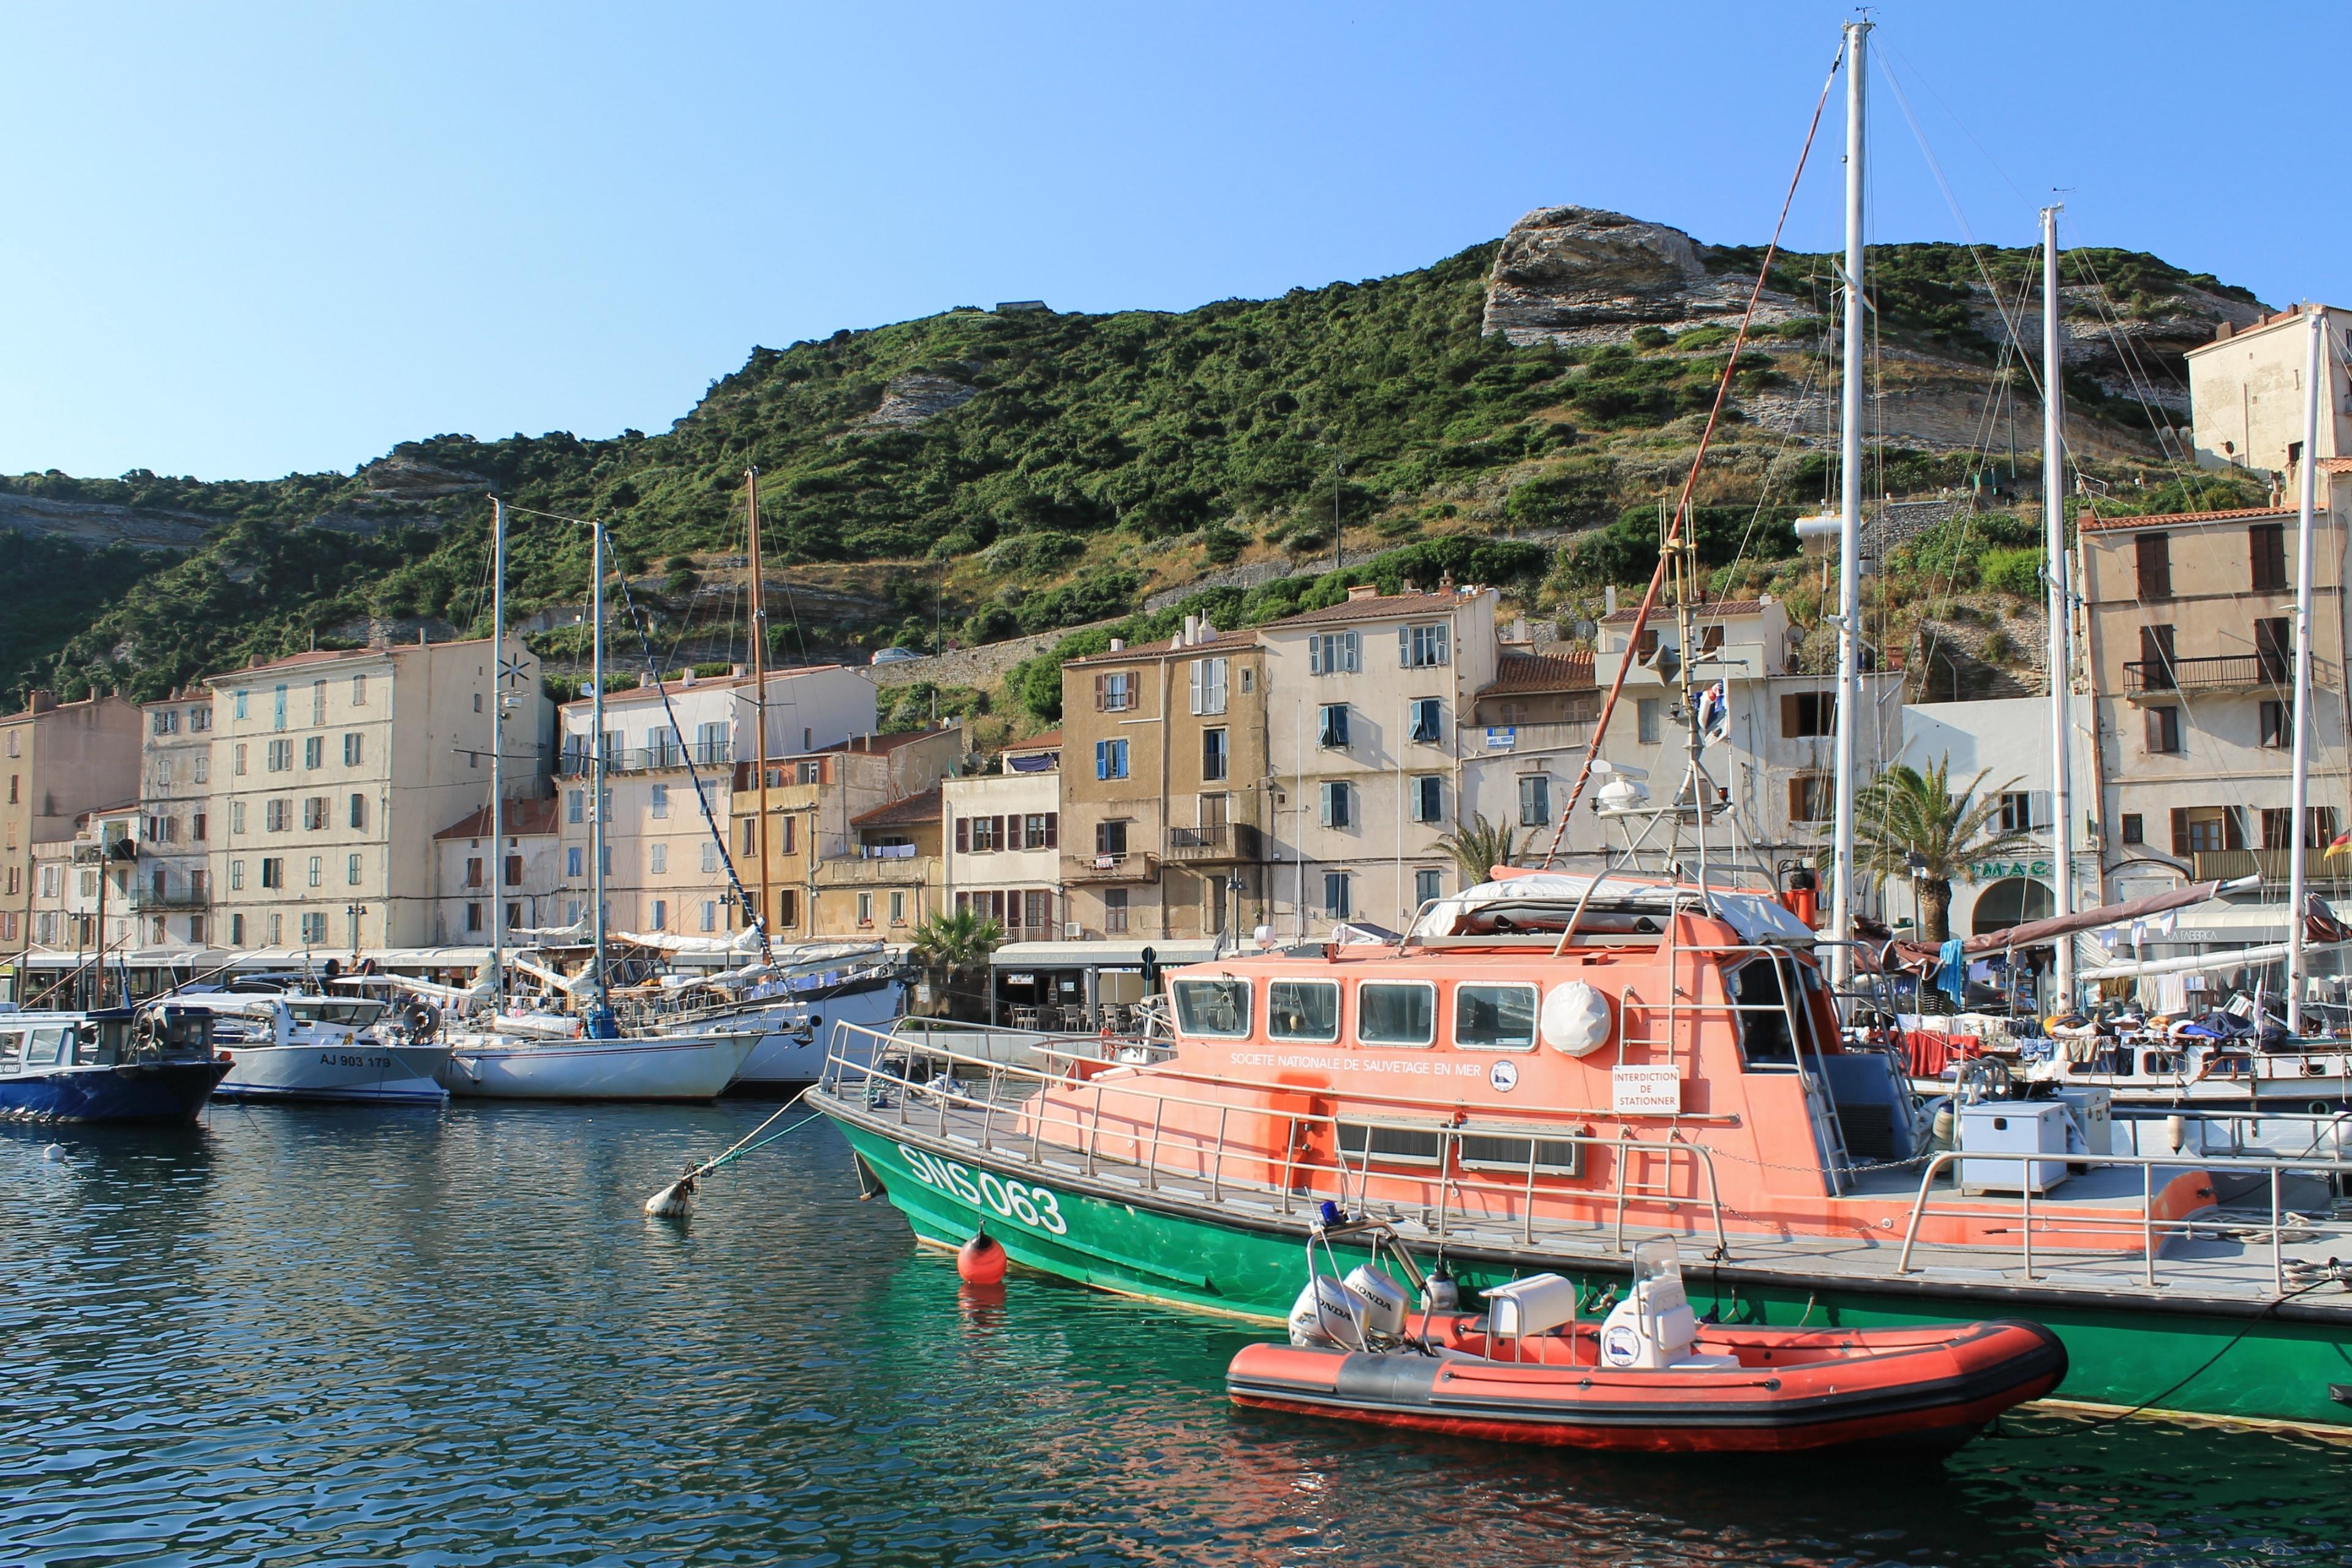 Corse-du-Sud, France